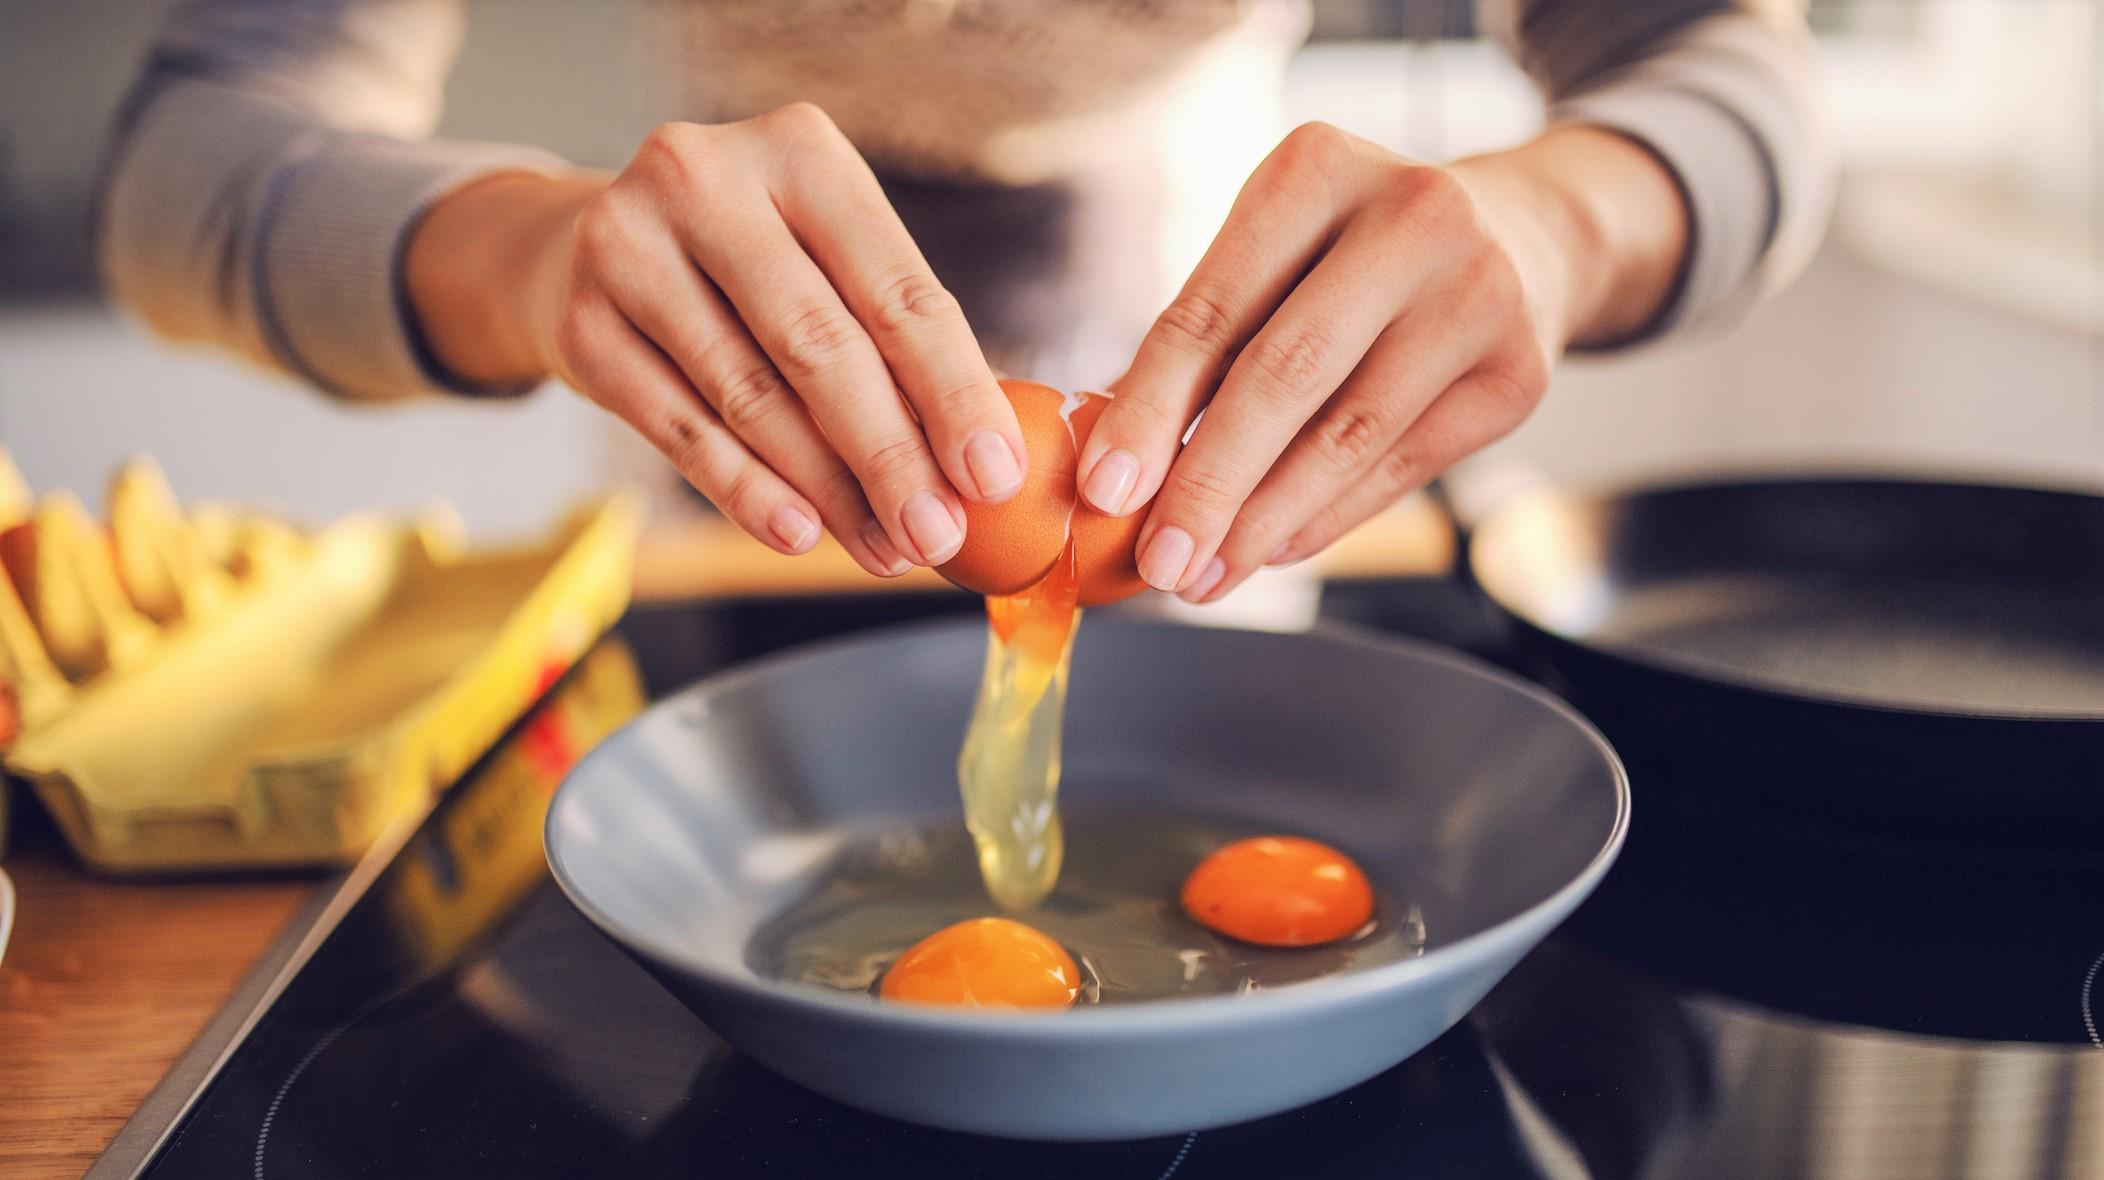 卵は1日何個まで?ゆで卵と目玉焼きで栄養価は変わる?管理栄養士が解説